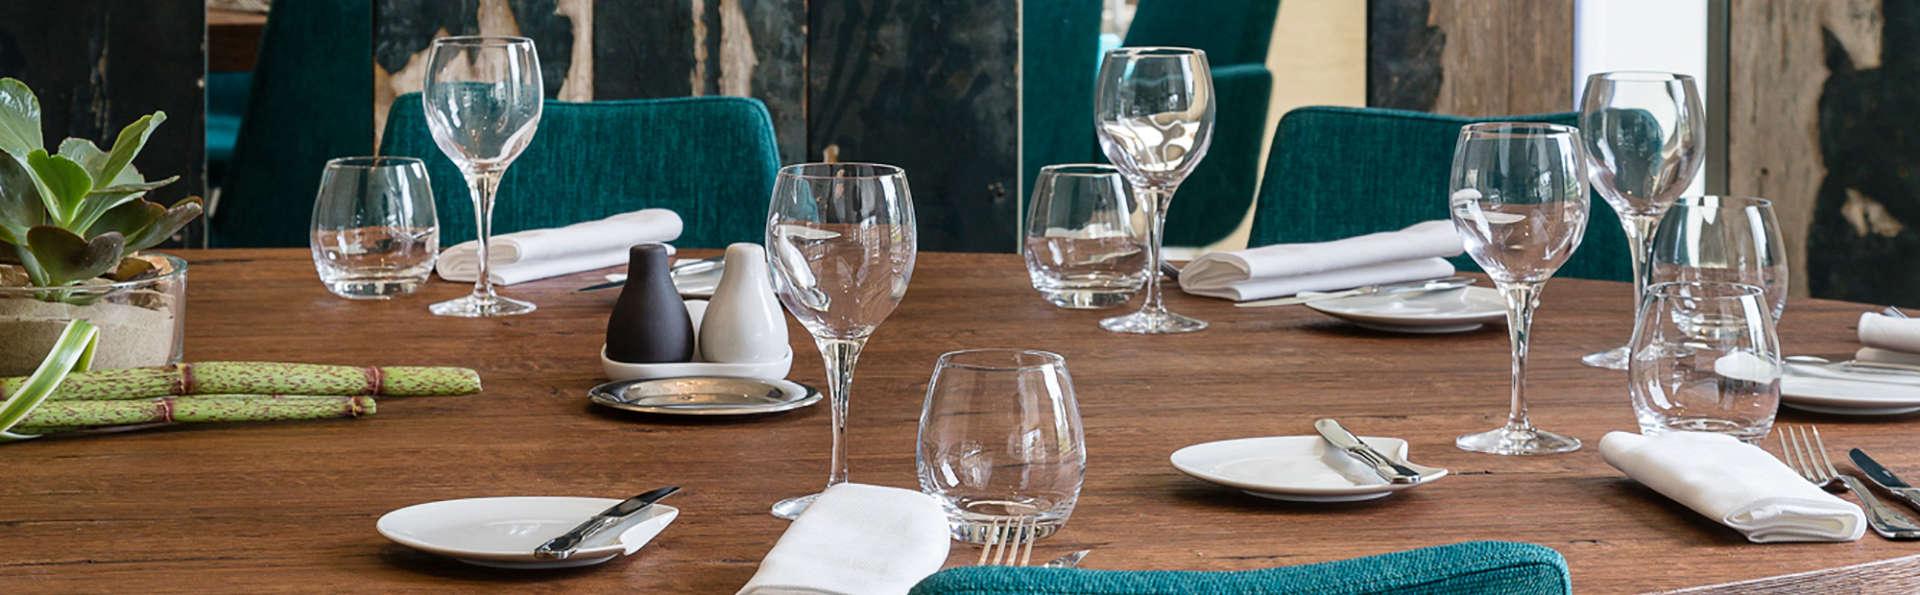 Week-end avec dîner et thalasso en bord de mer, à Arcachon